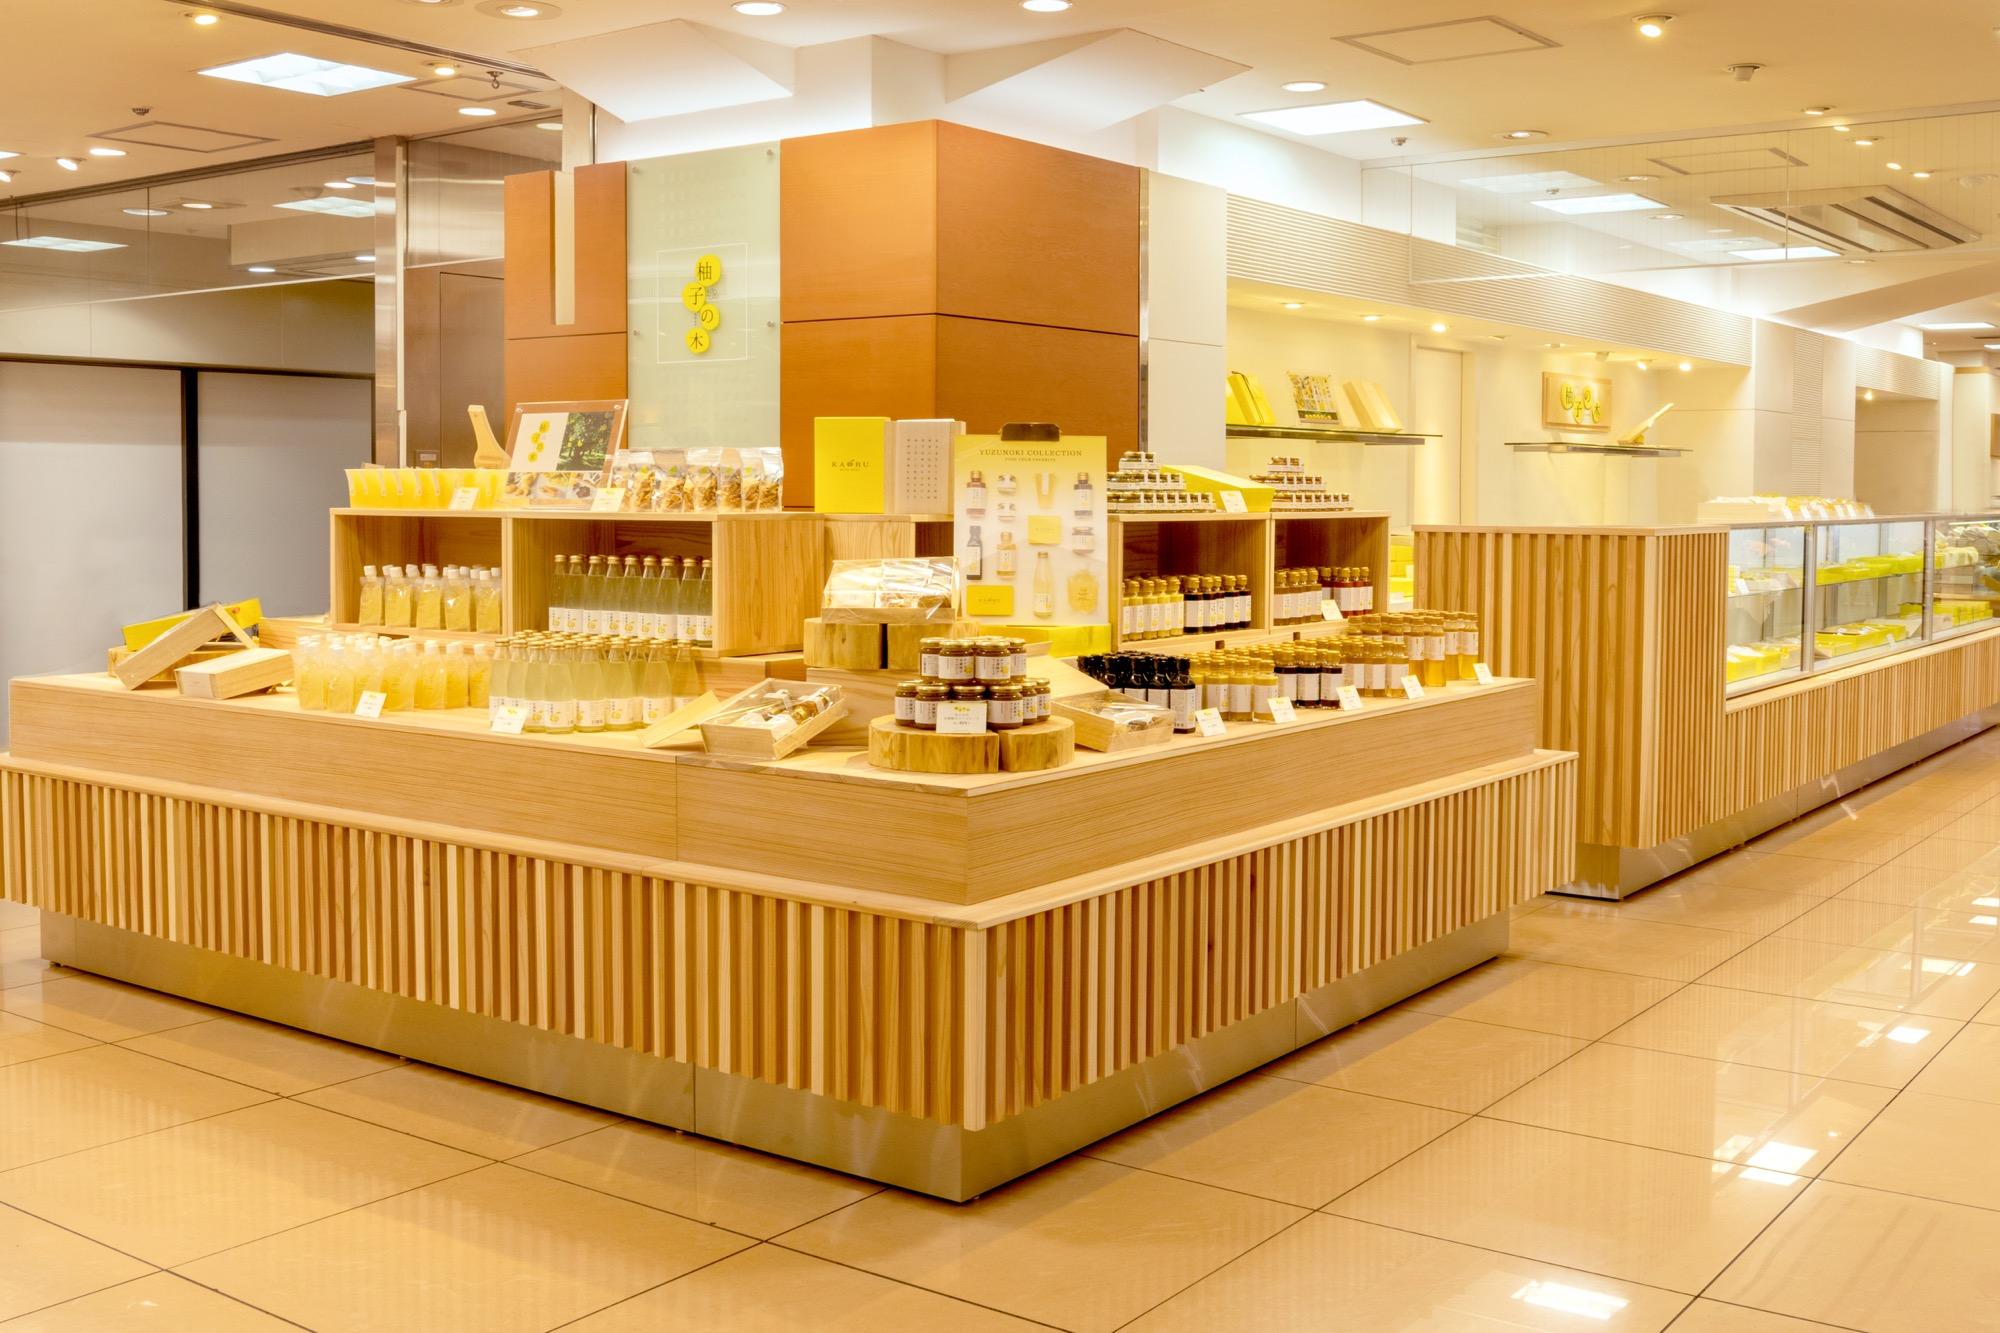 2019.6.20  柚子の木 – 木頭ゆず – 渋谷・東急本店地下1階にOPEN!!